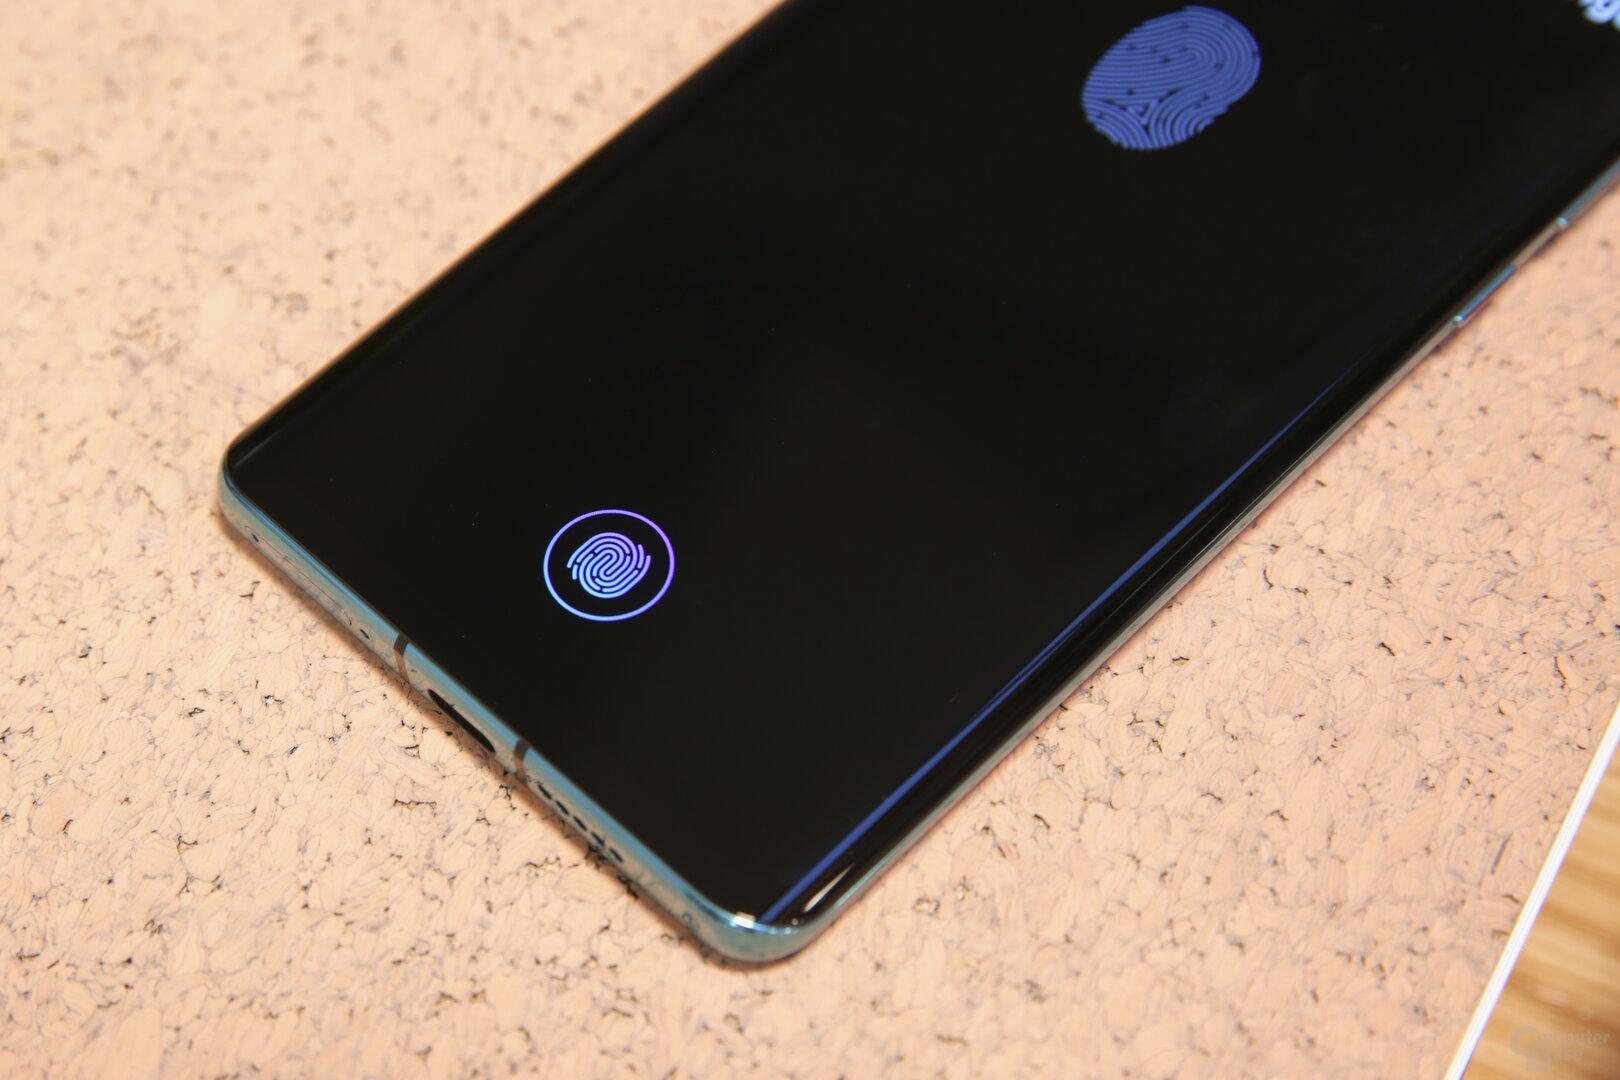 Schnellerer Display-Fingerabdrucksensor der zweiten Generation